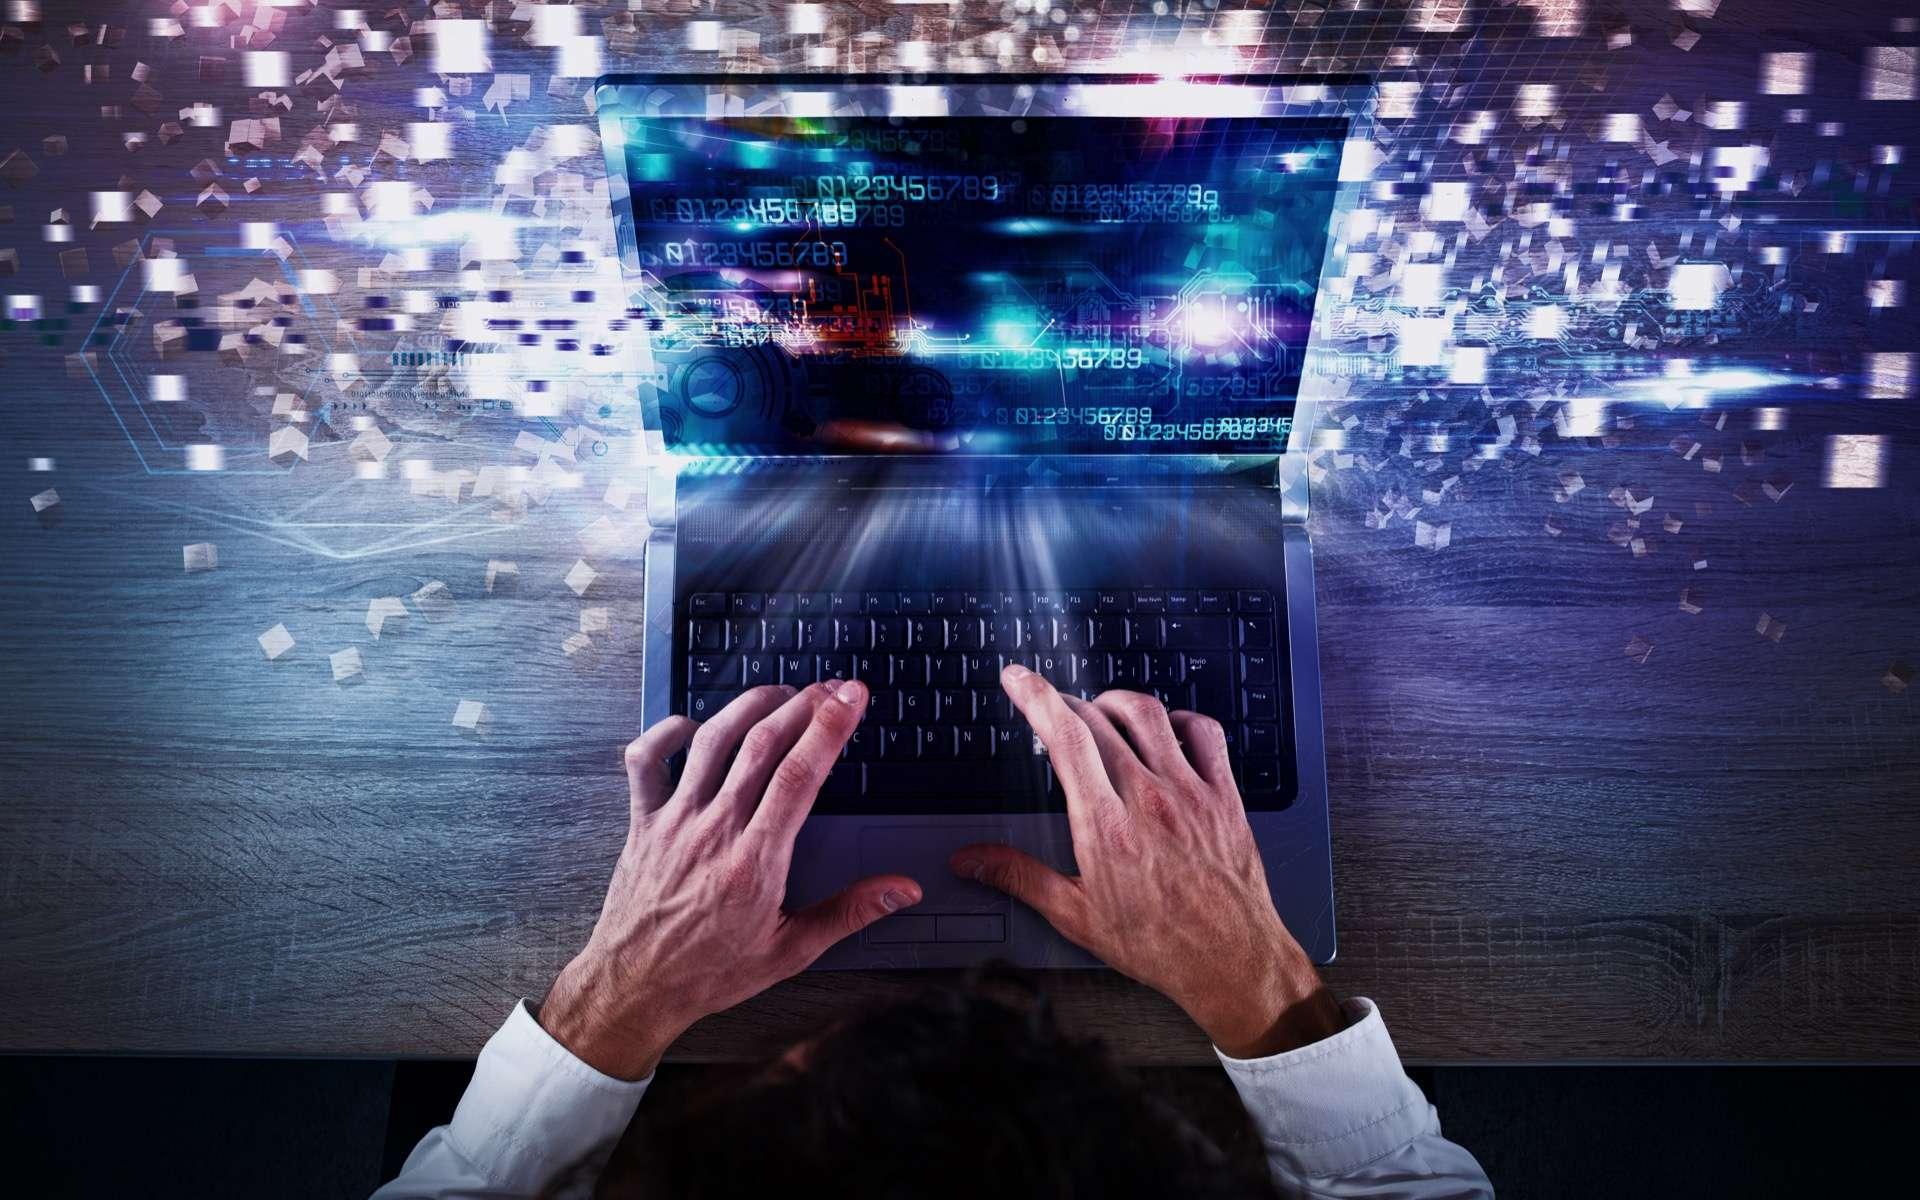 Profitez des meilleures offres pour les Soldes d'Hiver sur les logiciels Windows et les licences Office. © Alphaspirit, Adobe Stock